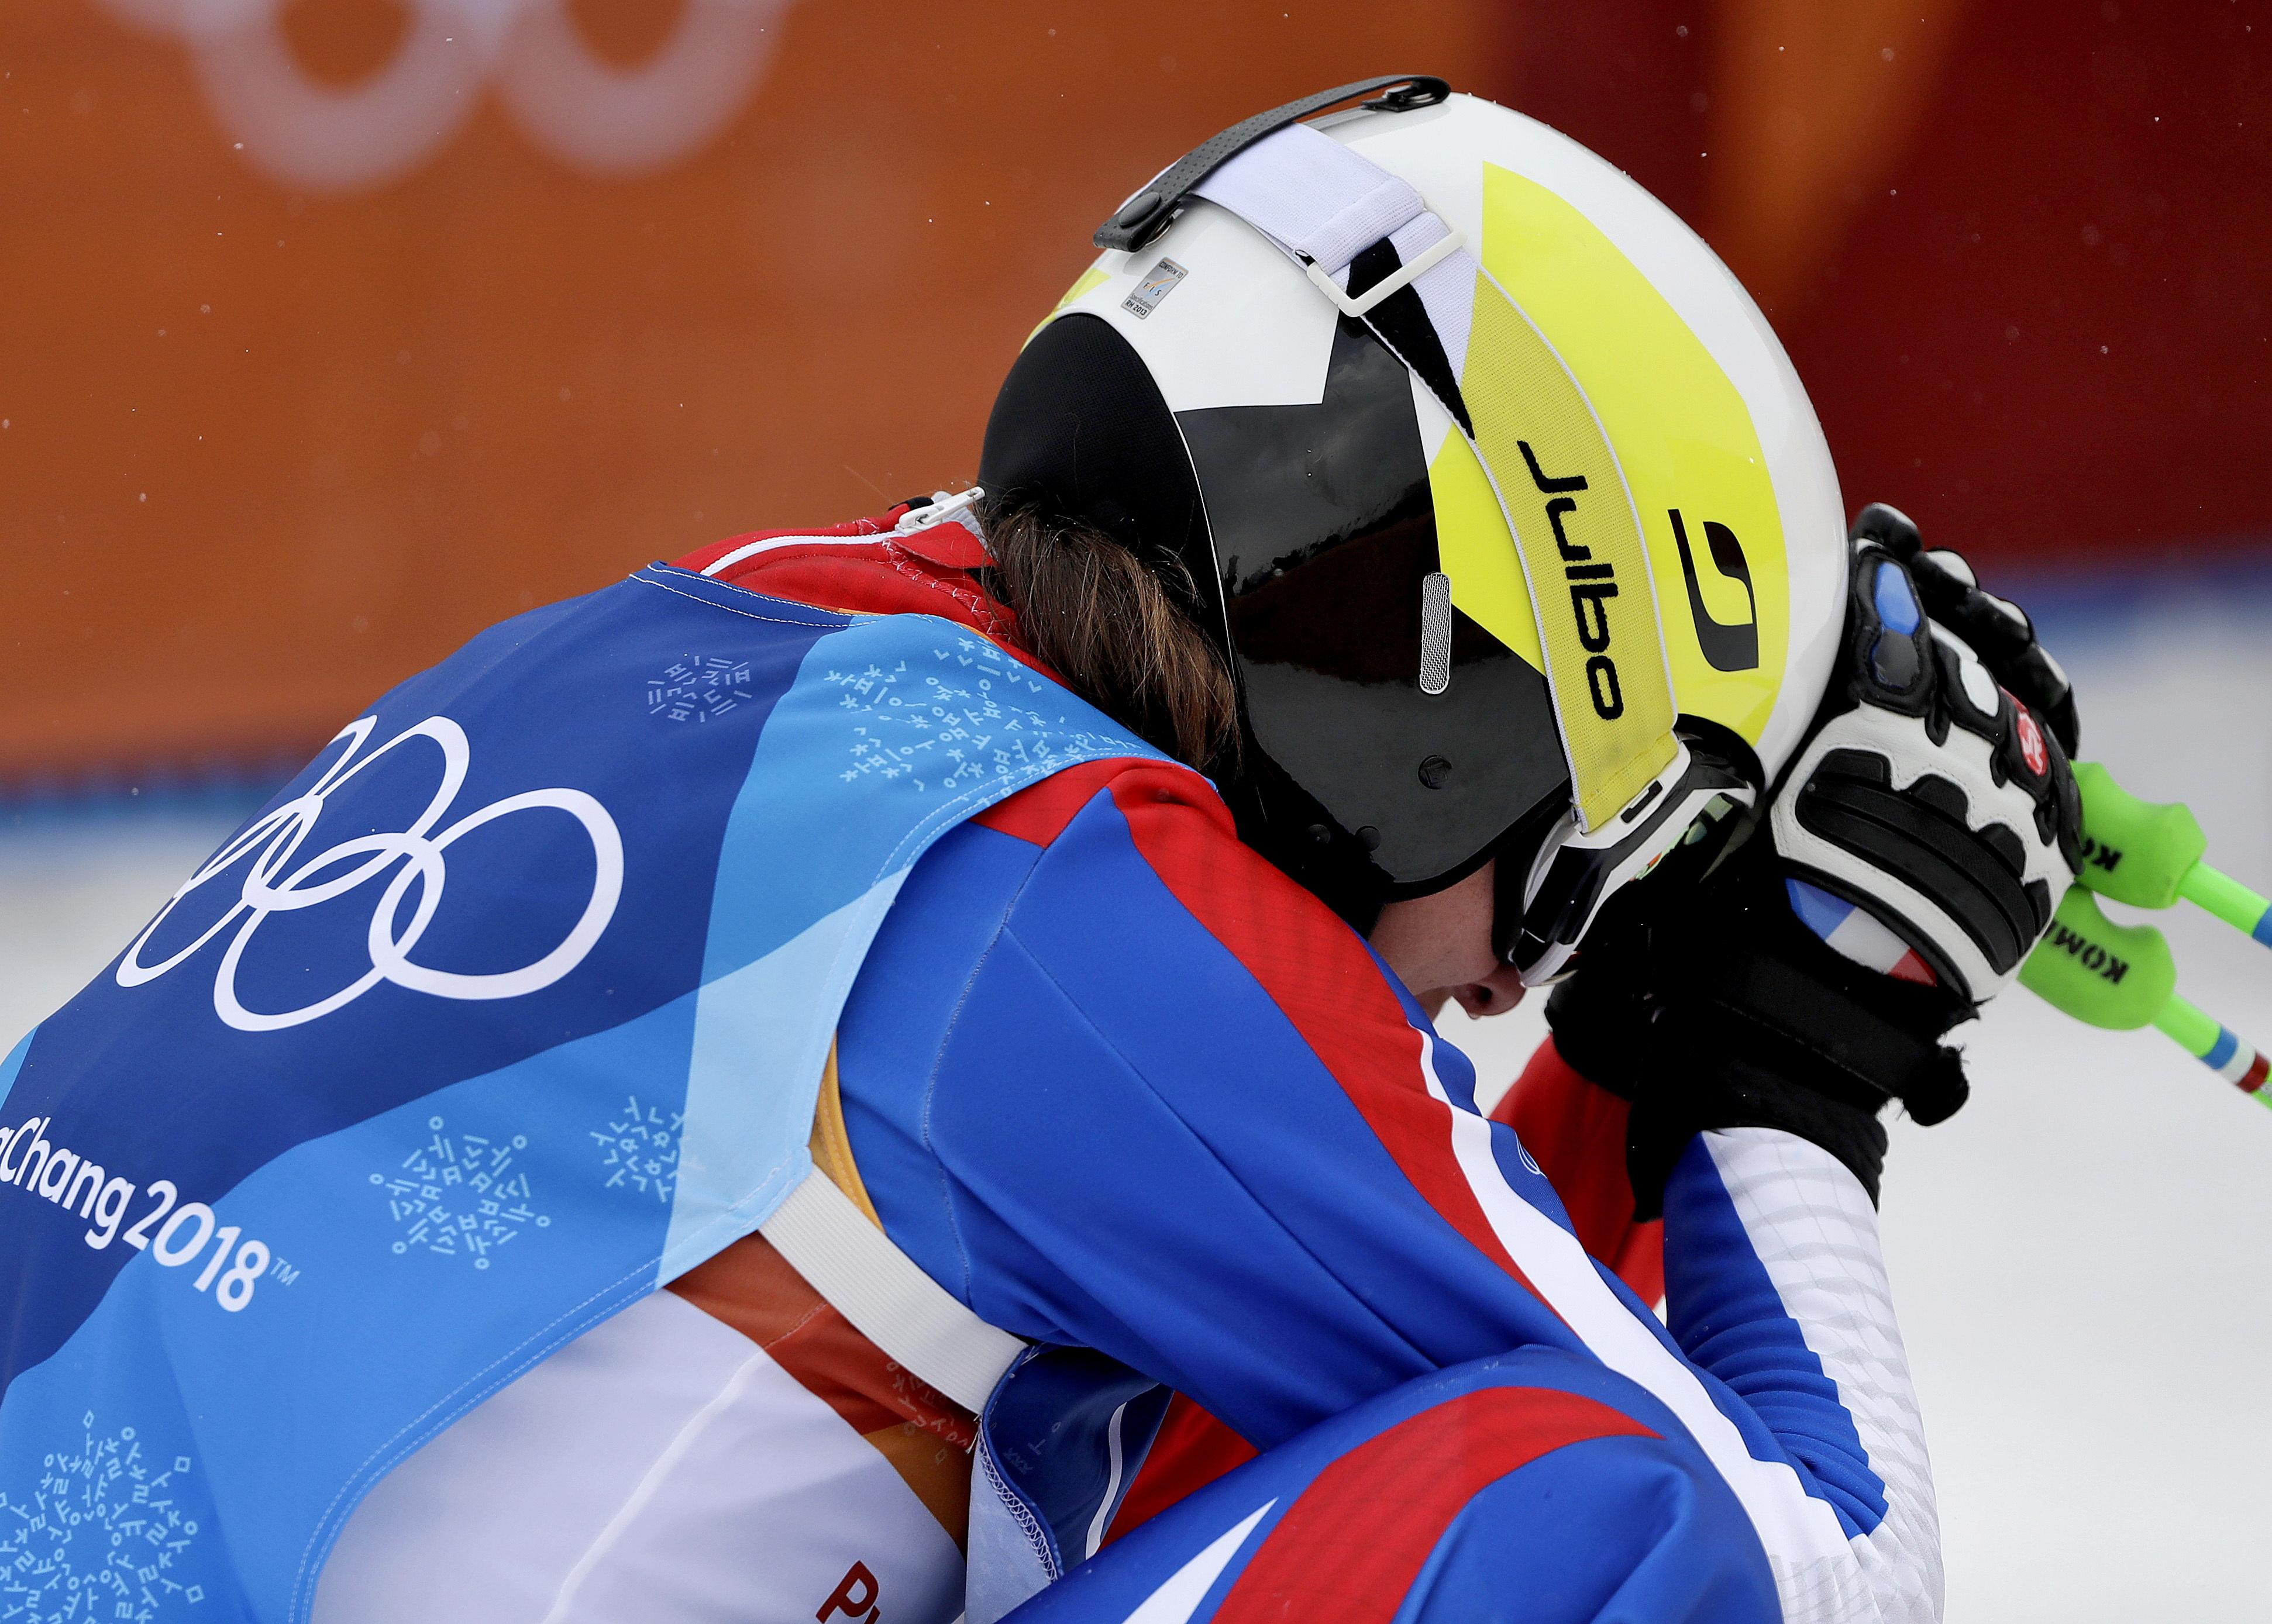 Jeux olympiques - Pyeongchang 2018 - JO 2018 : Le skicross français s'est raté